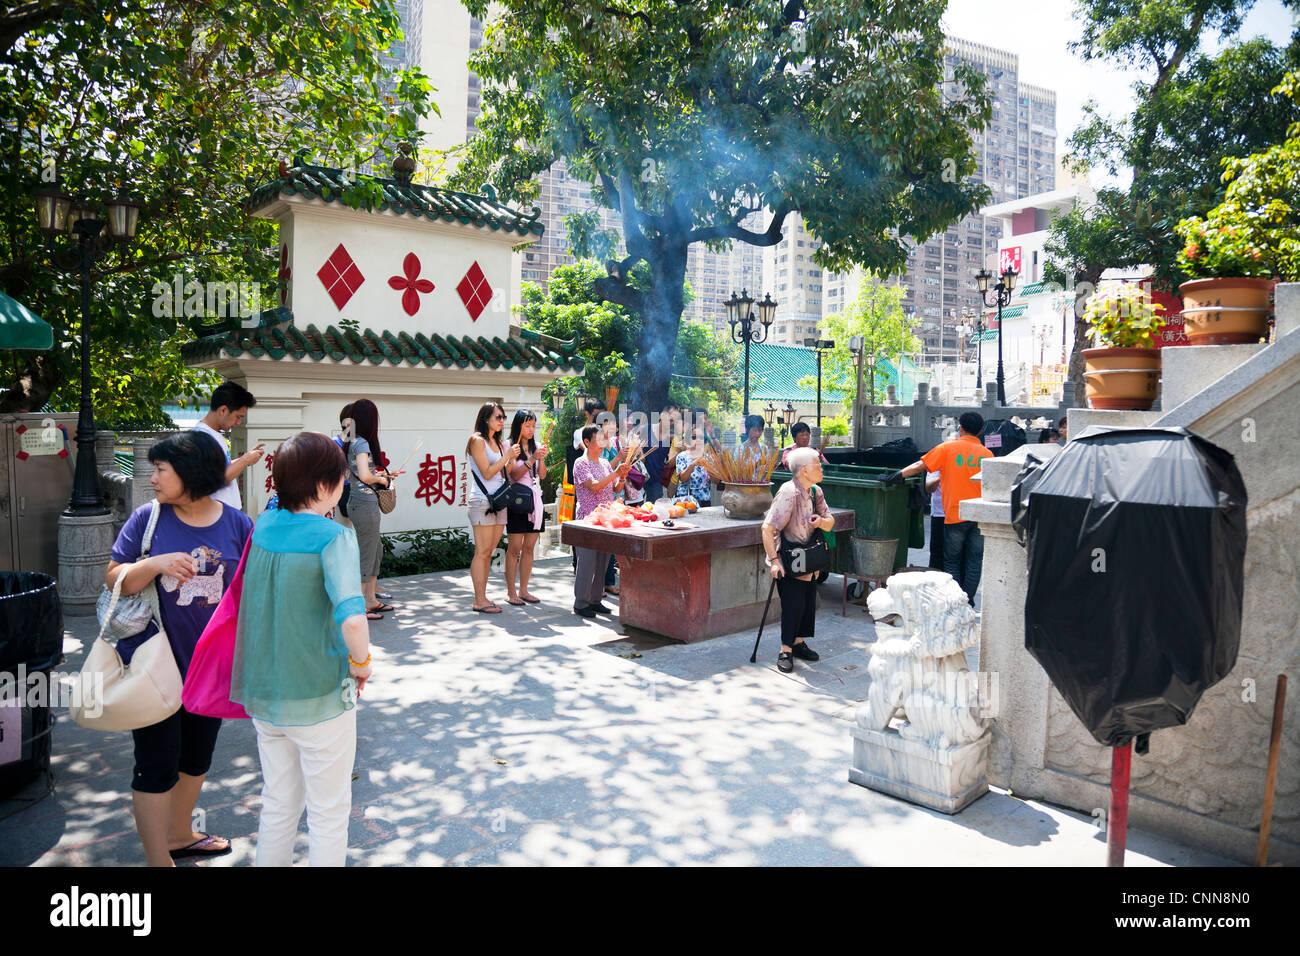 Le Temple de Wong Tai Sin à Kowloon, Hong Kong, Chine, Asie. Également appelé Sik Sik Yuen, peuple chinois priant Banque D'Images